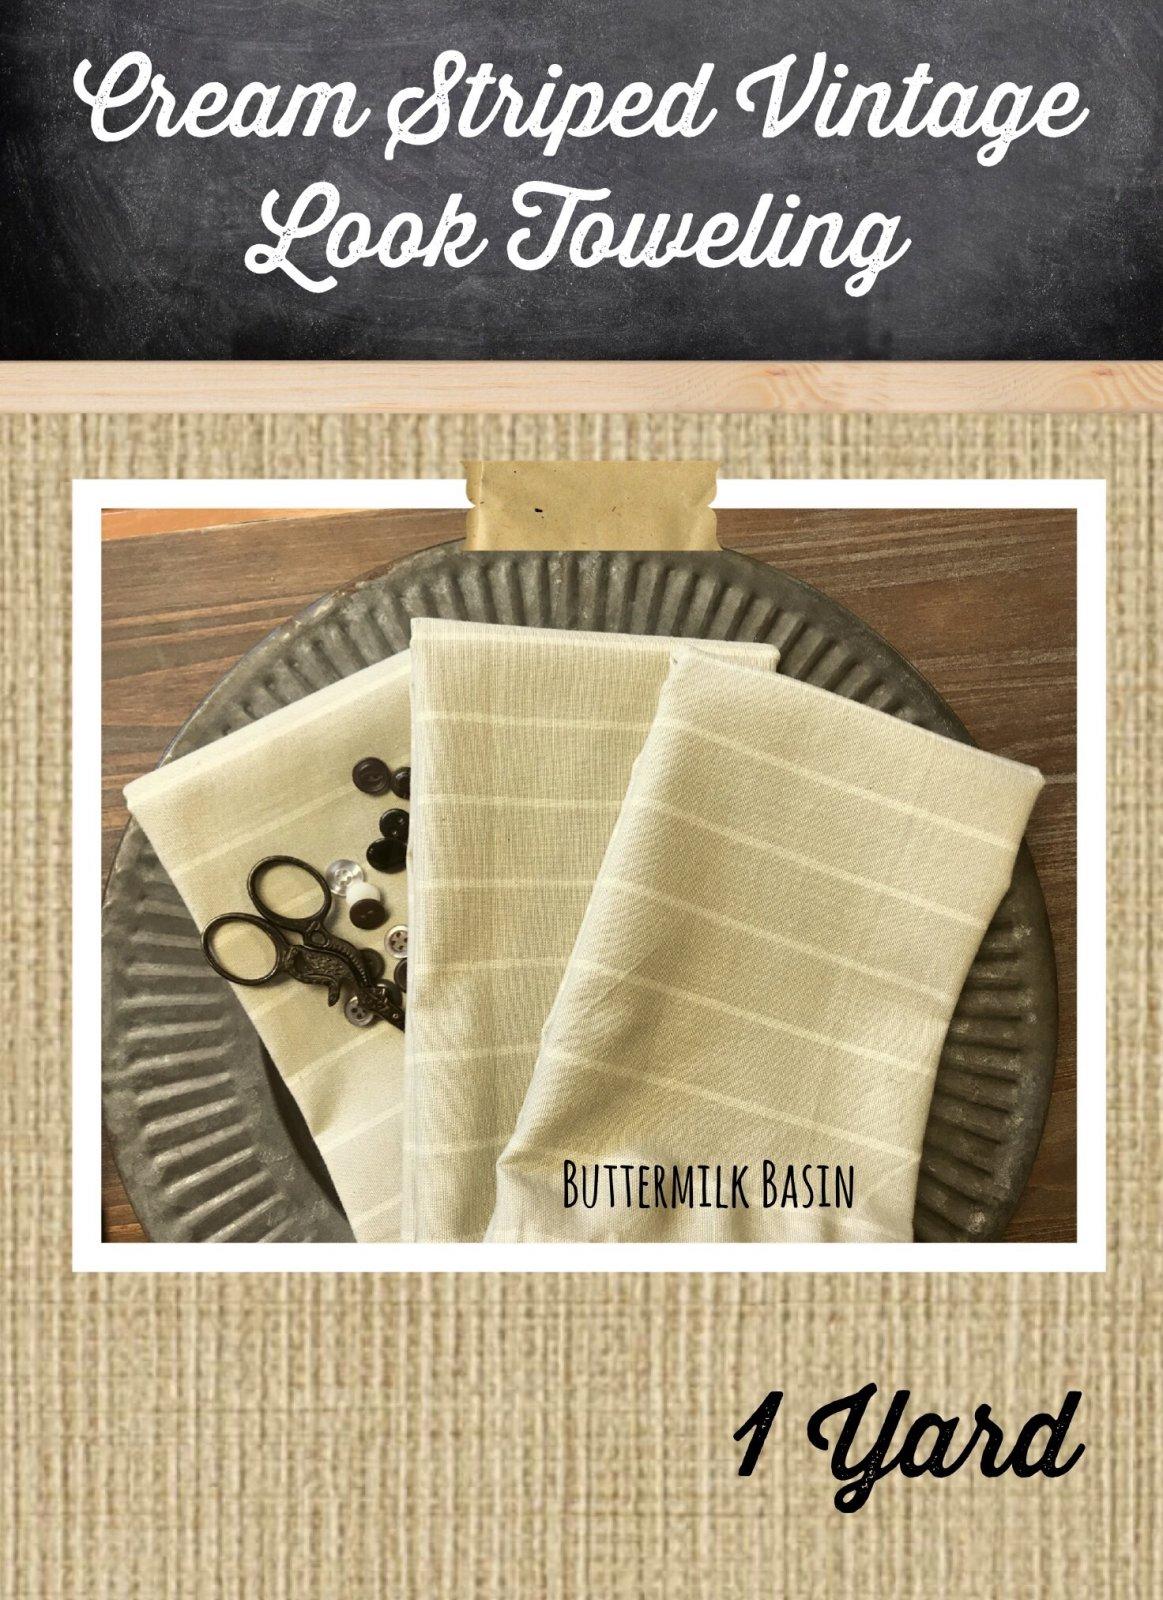 Cream Striped Vintage Look Toweling